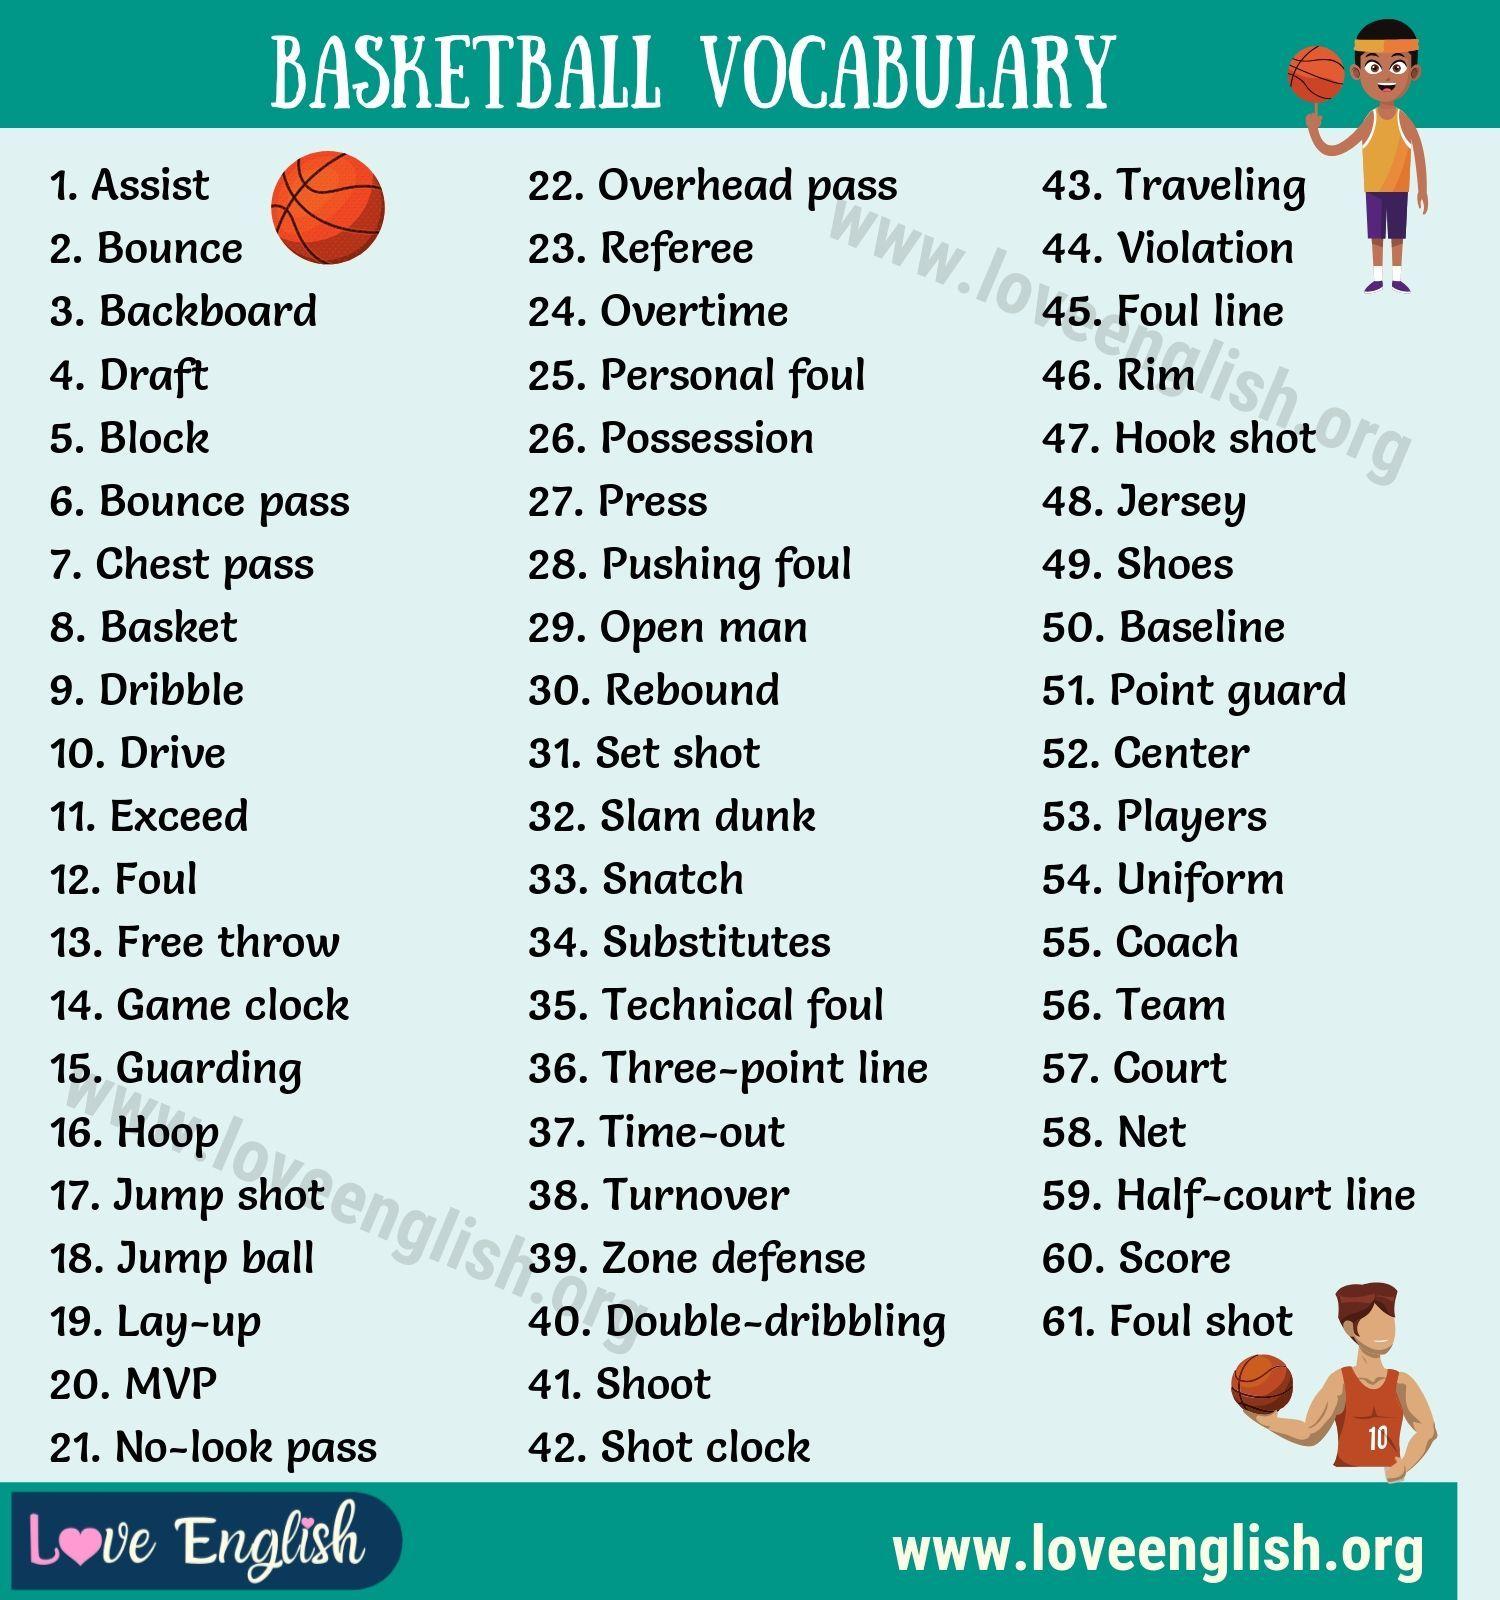 Basketball Terms Vocabulary Learn English Vocabulary Basketball